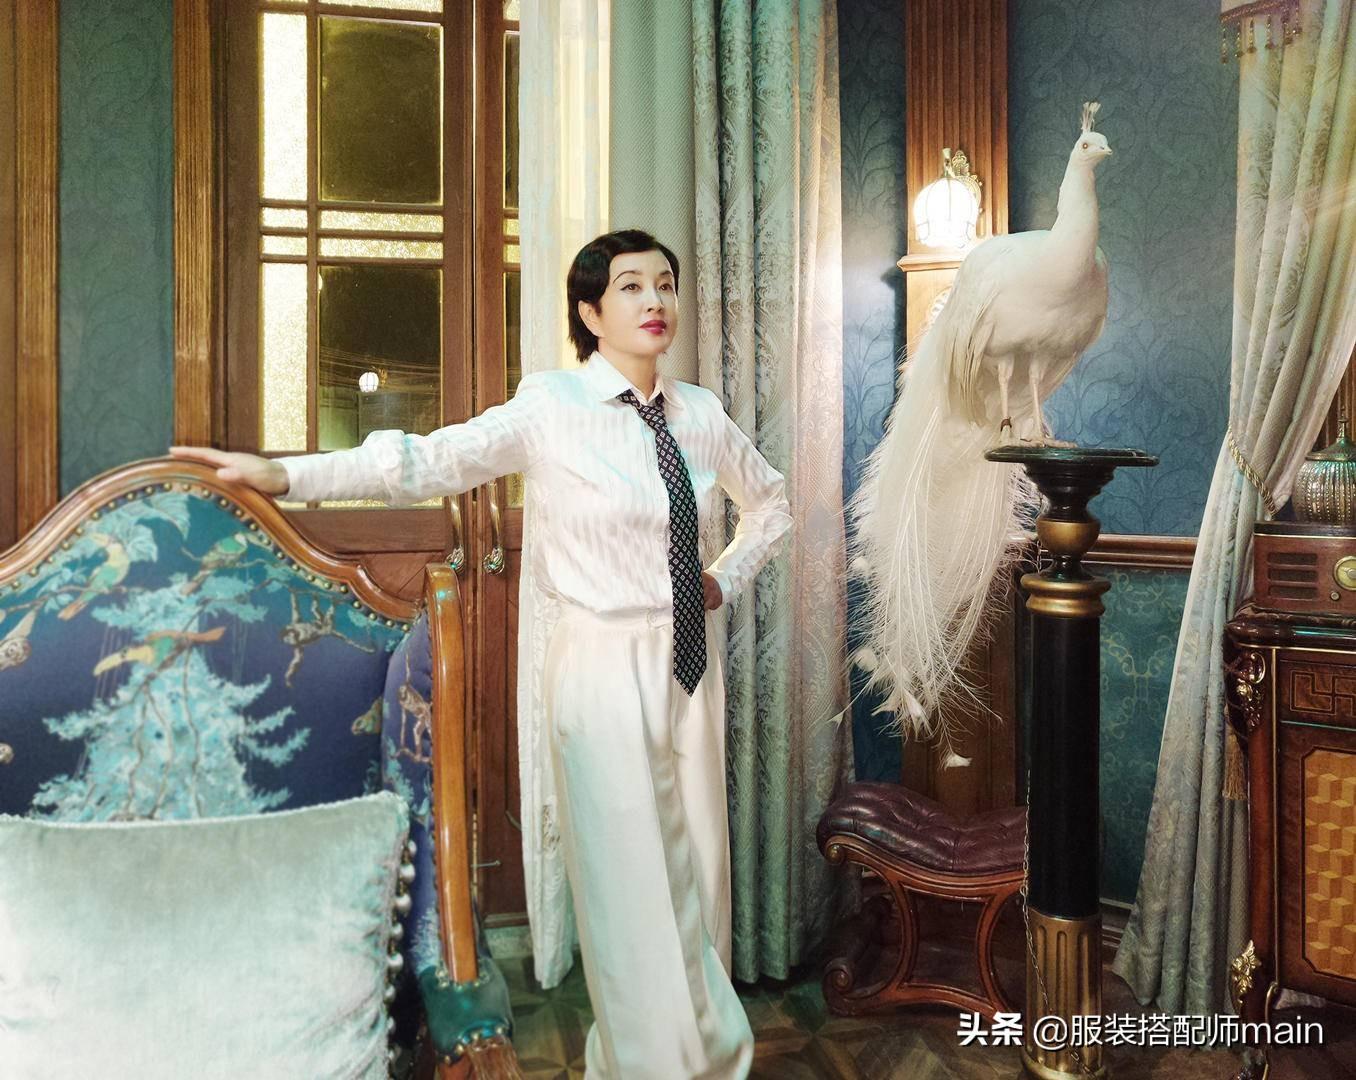 刘晓庆不显老,穿V领连衣裙+编织帽优雅端庄,还拿刺绣包赶时髦